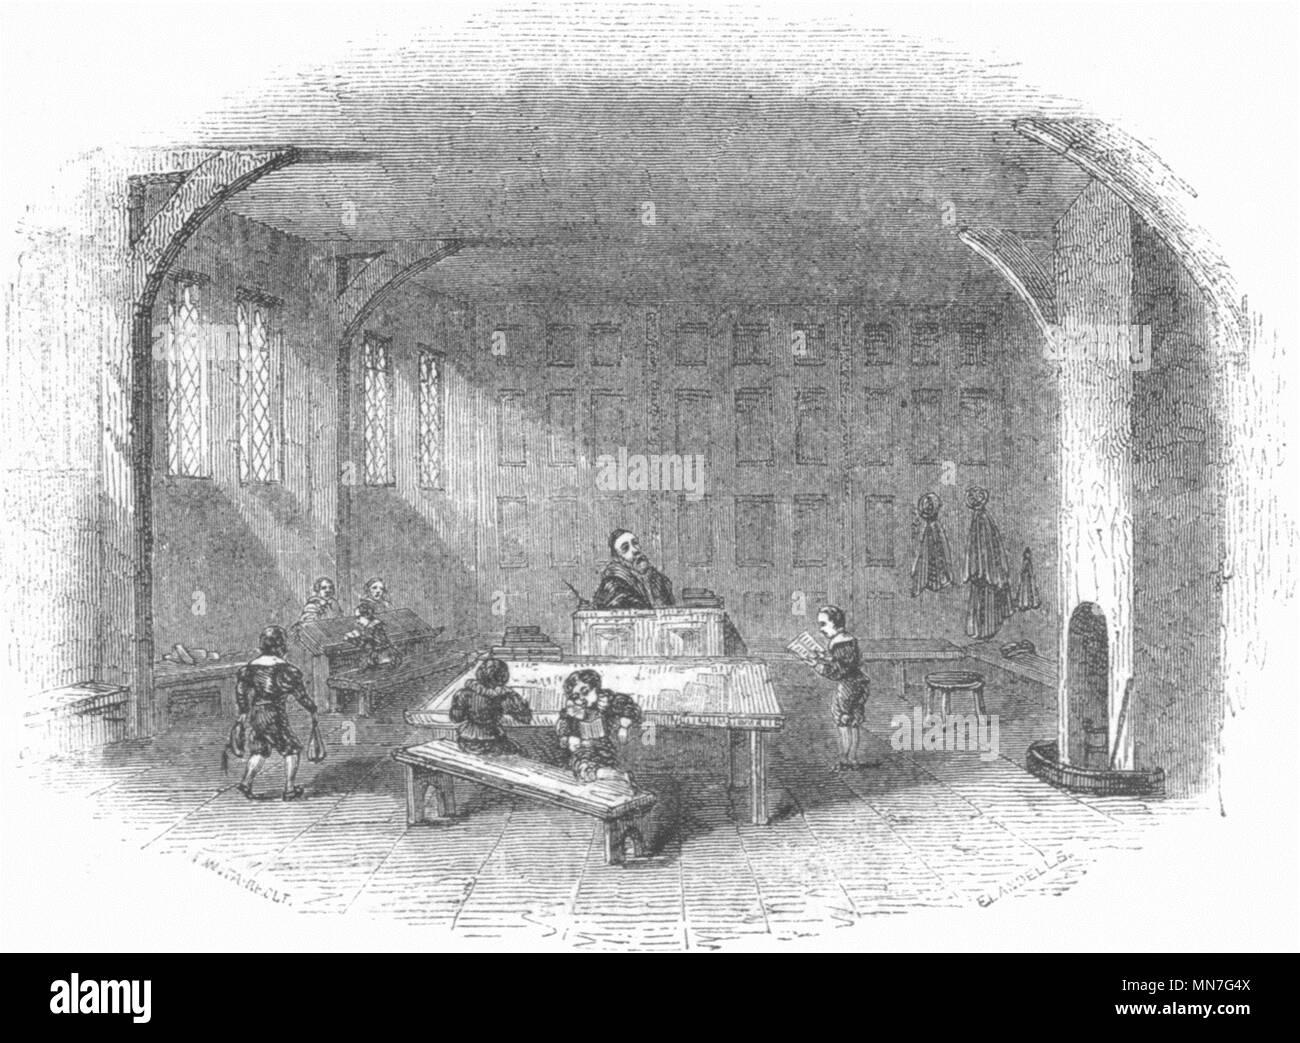 WARCS. Stratford Grammar School 1845 vintage antigua imagen de impresión Imagen De Stock